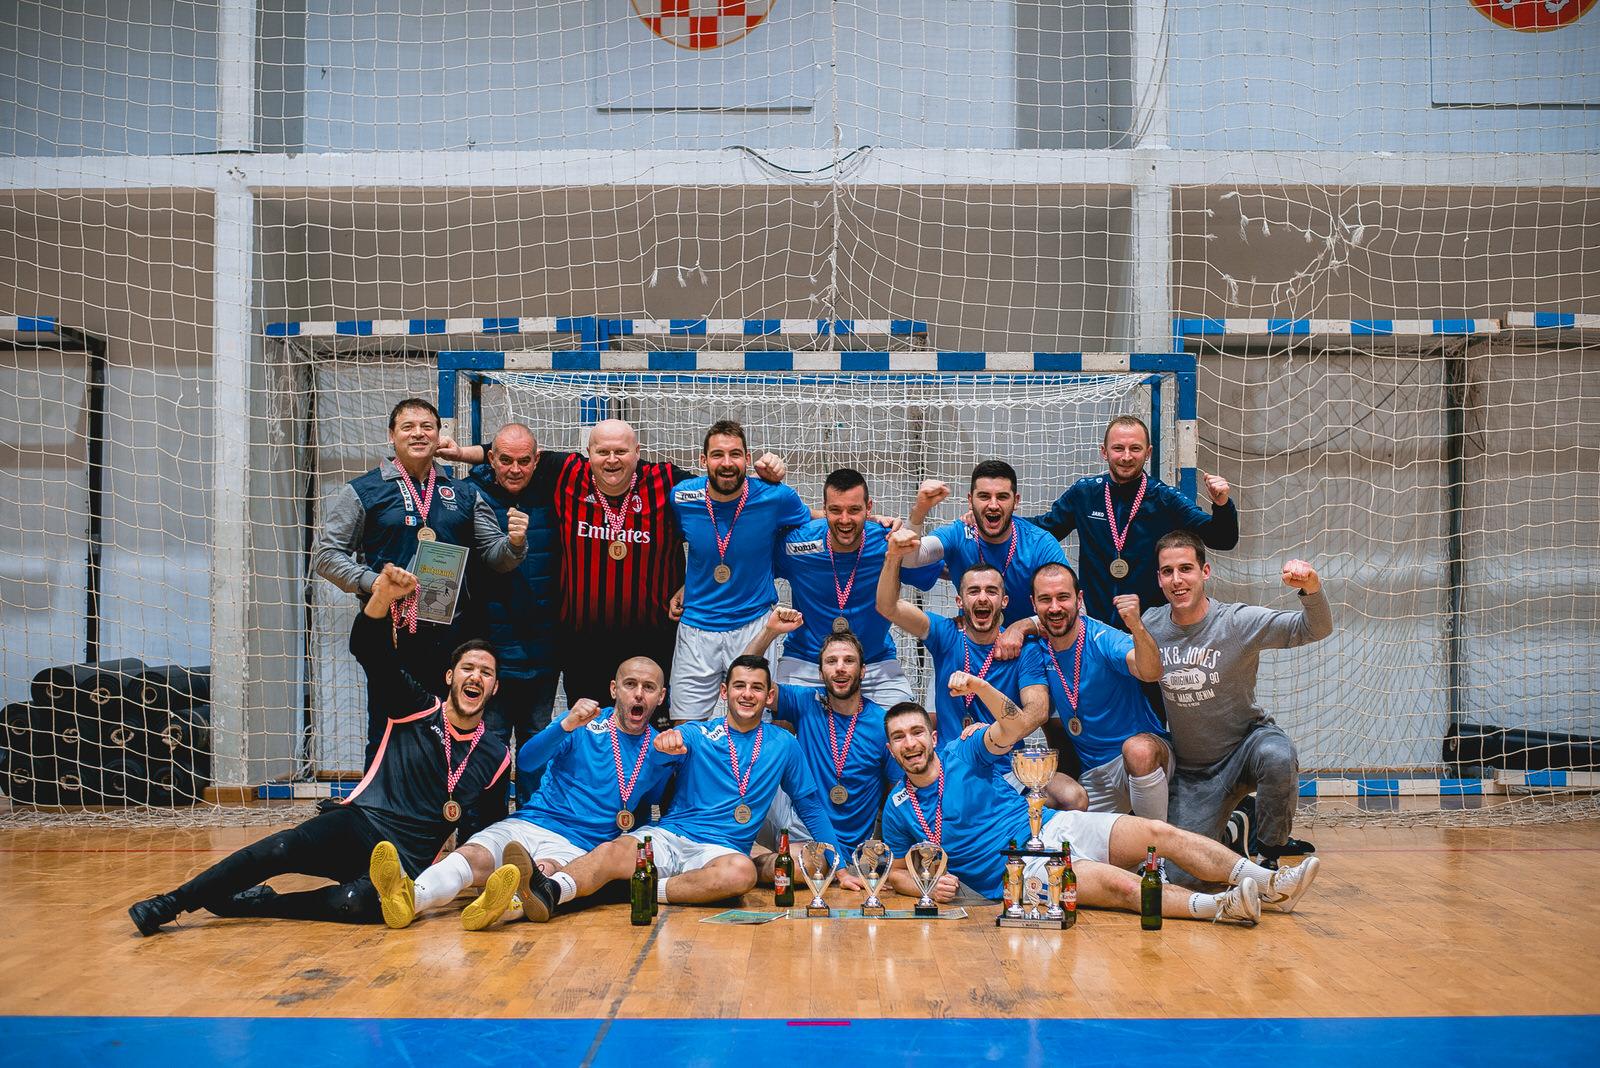 likaclub_gospić_zimski-malonogometni-turnir-2018-19-116